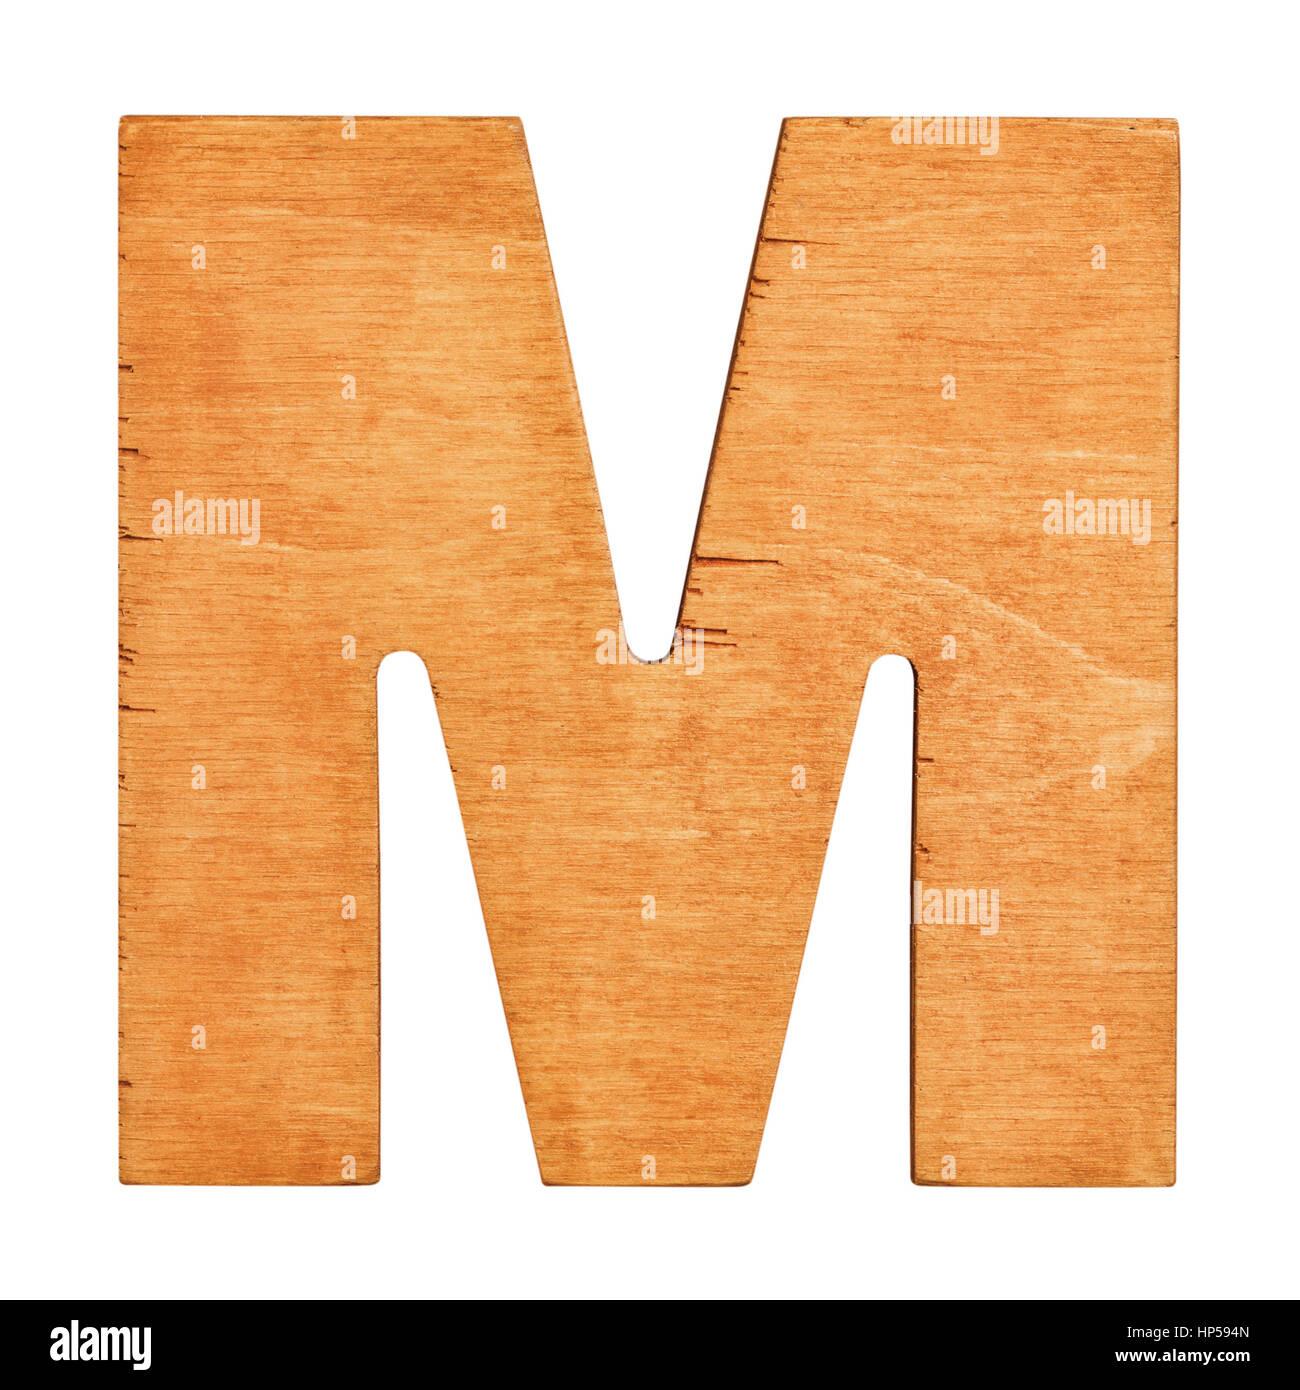 old wooden letter m on wooden background vintage wooden letter one of full alphabet wooden set